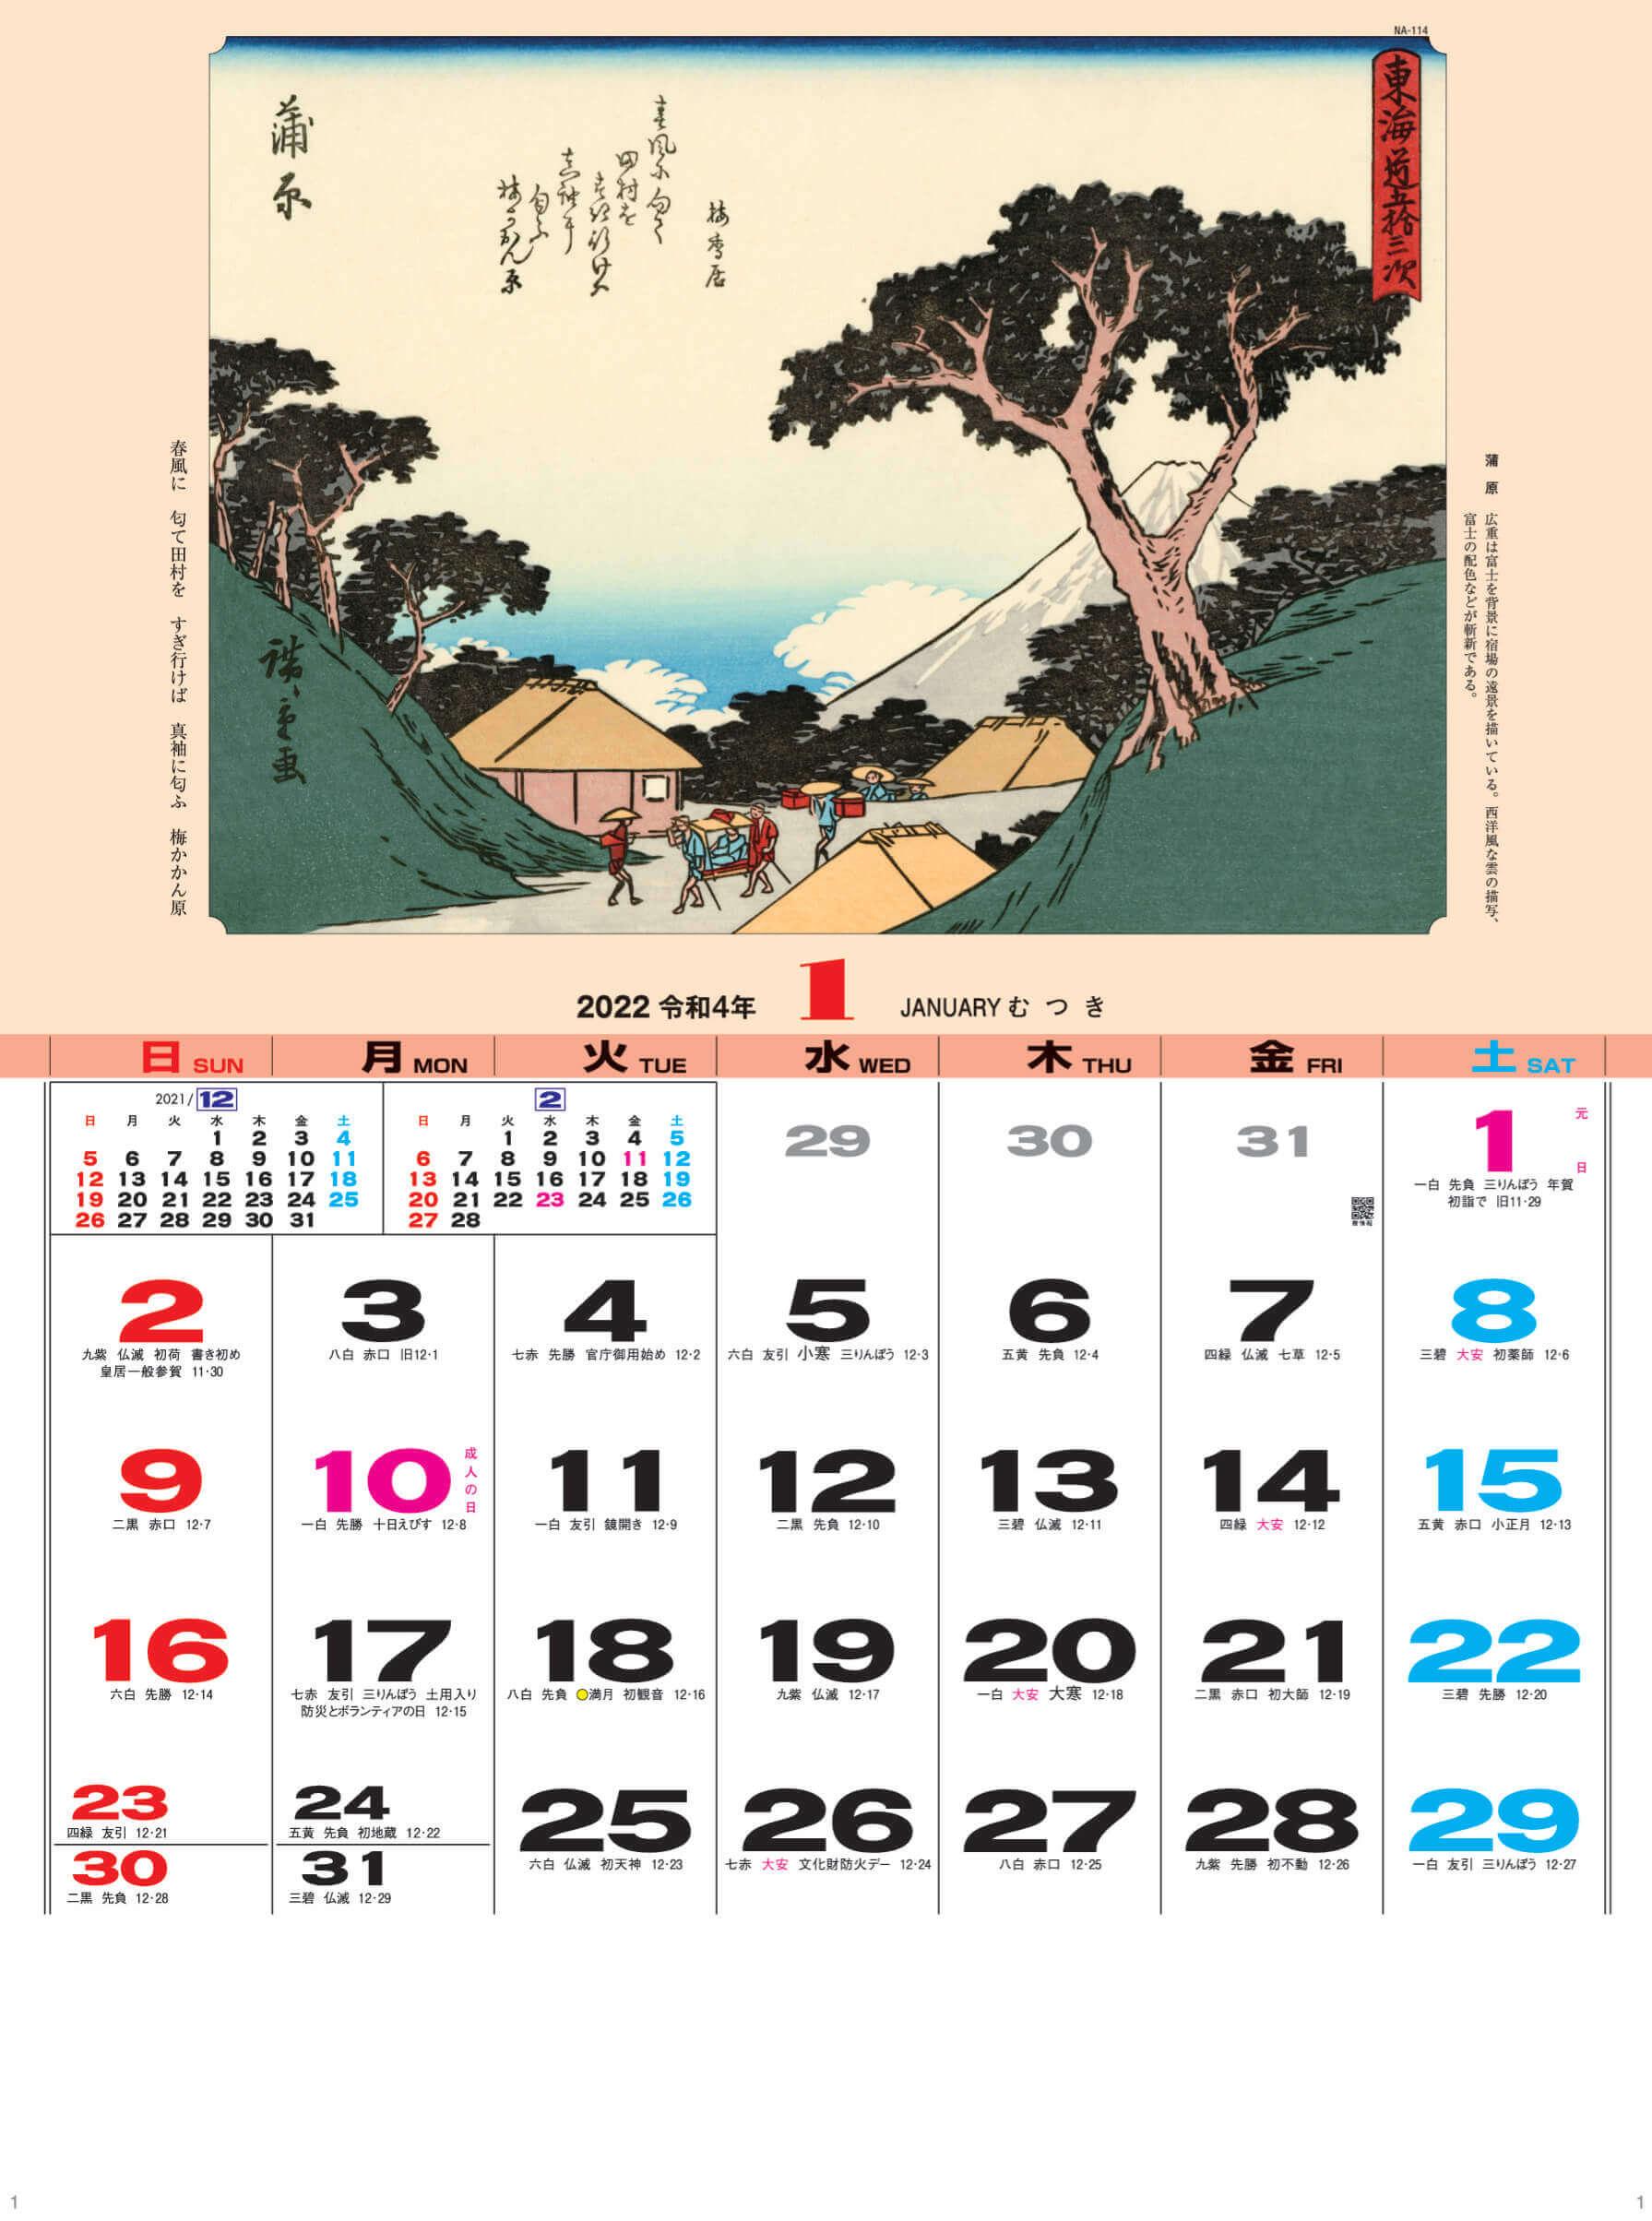 蒲原 広重 東海道五十三次 2022年カレンダーの画像